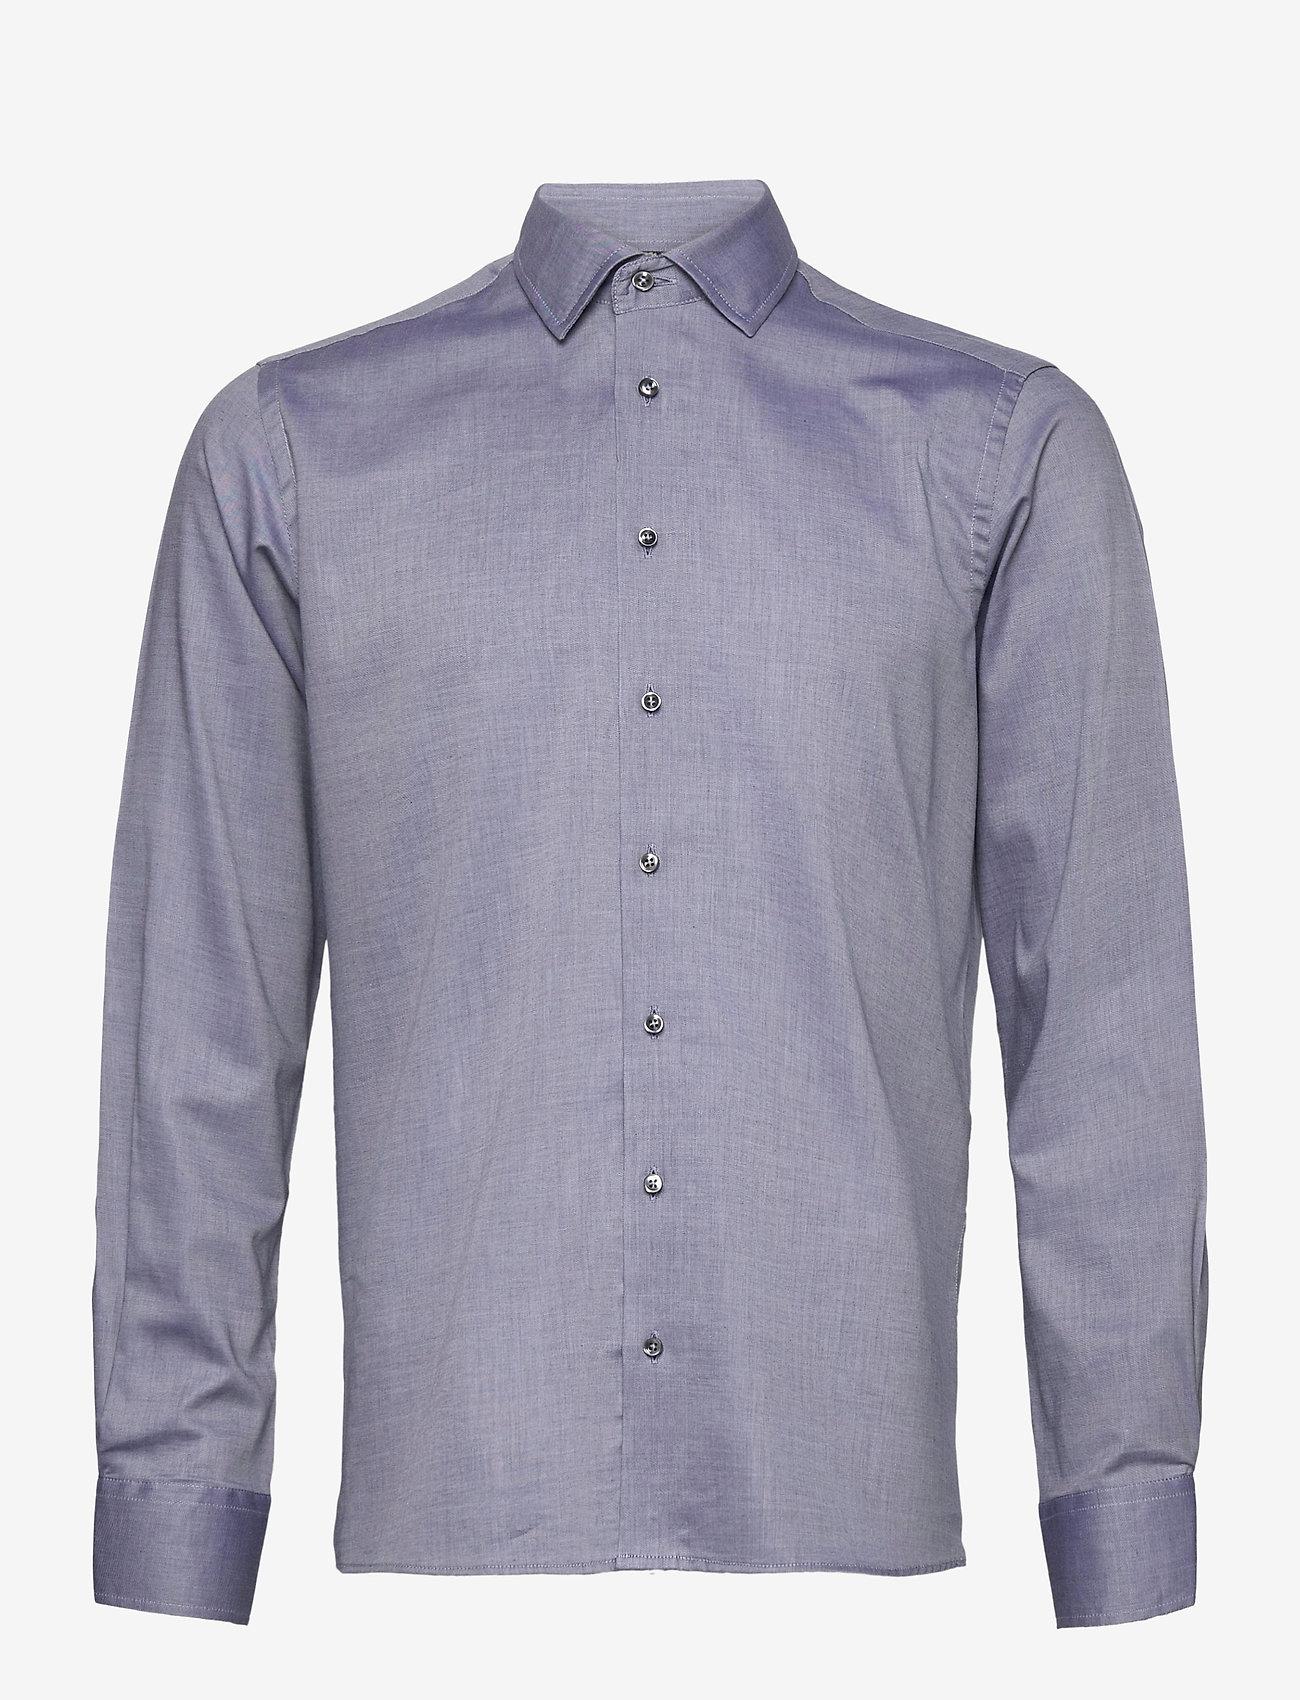 SAND - 8657 - State N 2 Soft - basic skjorter - blue - 1